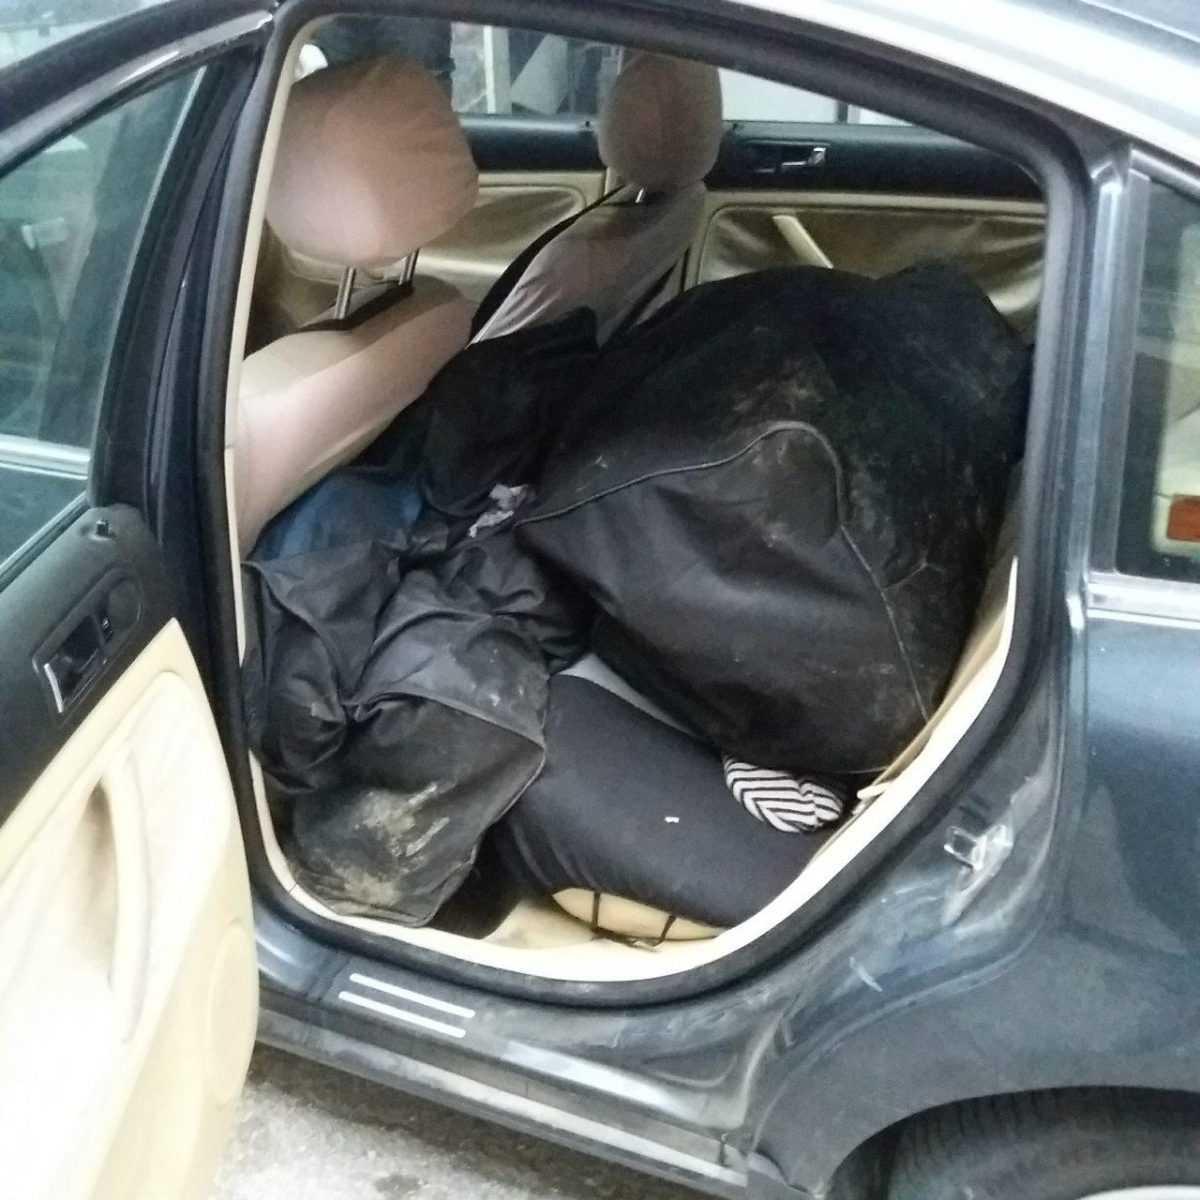 Συνελήφθησαν δύο άτομα για διακίνηση ακατέργαστης κάνναβης βάρους 64 κιλών, από αστυνομικούς της Αστυνομικής Διεύθυνσης Καστοριάς